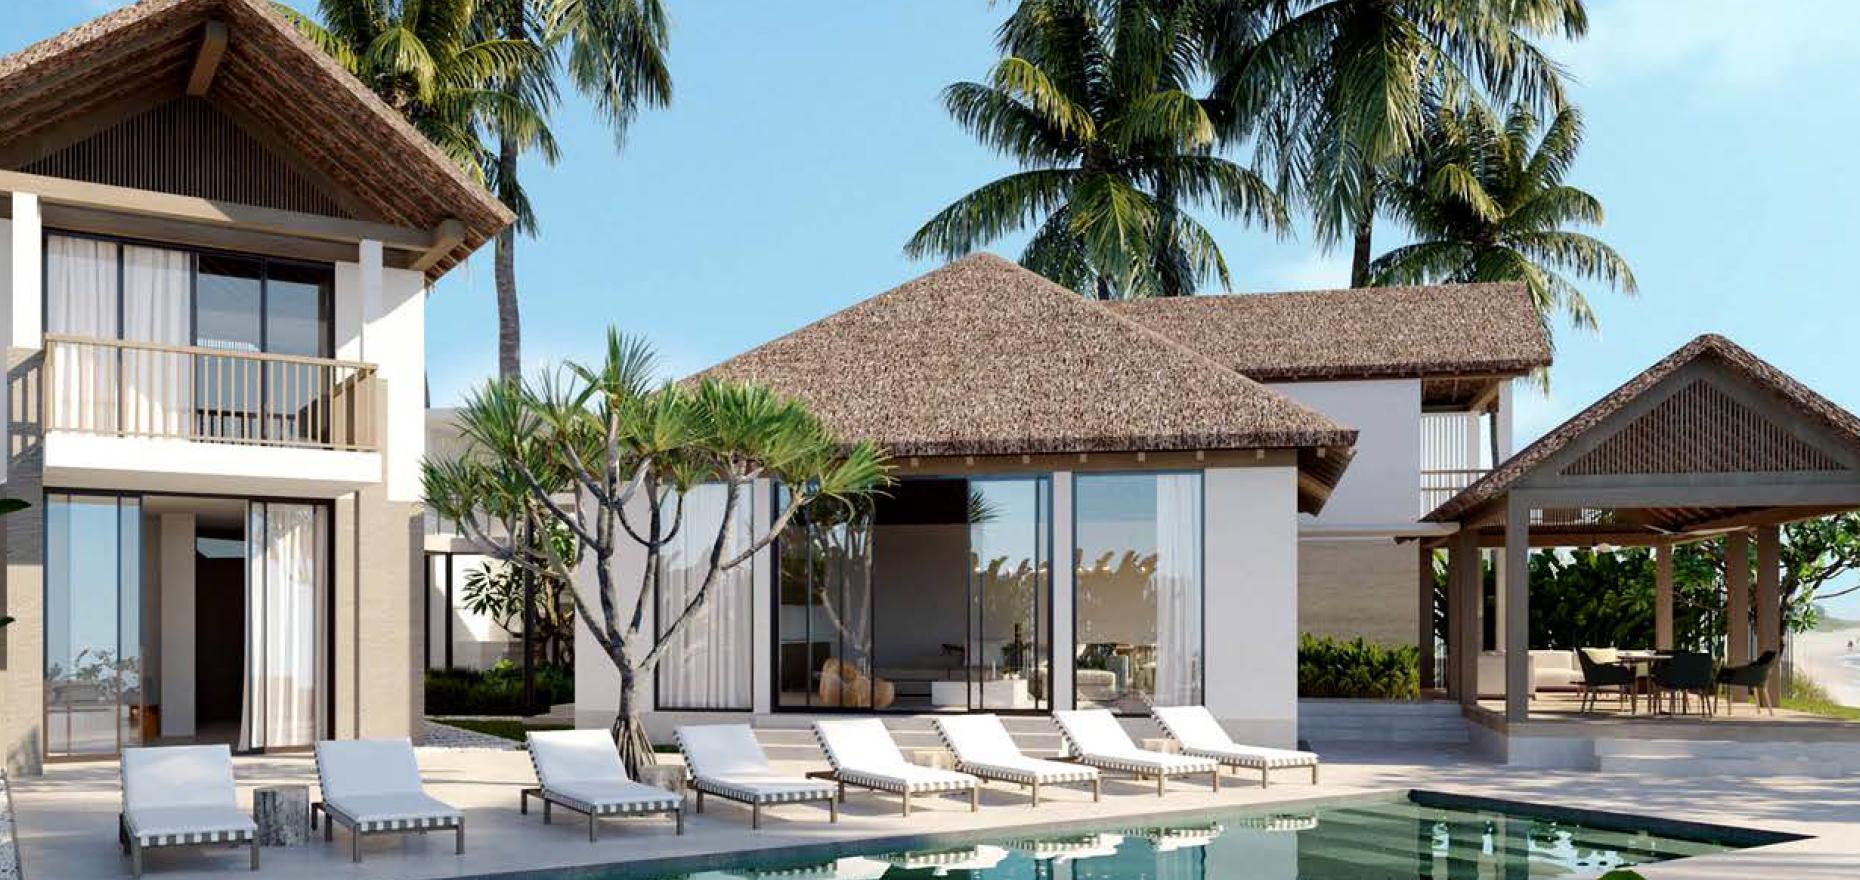 BBF 458 - 09331 Property Management on the Coast